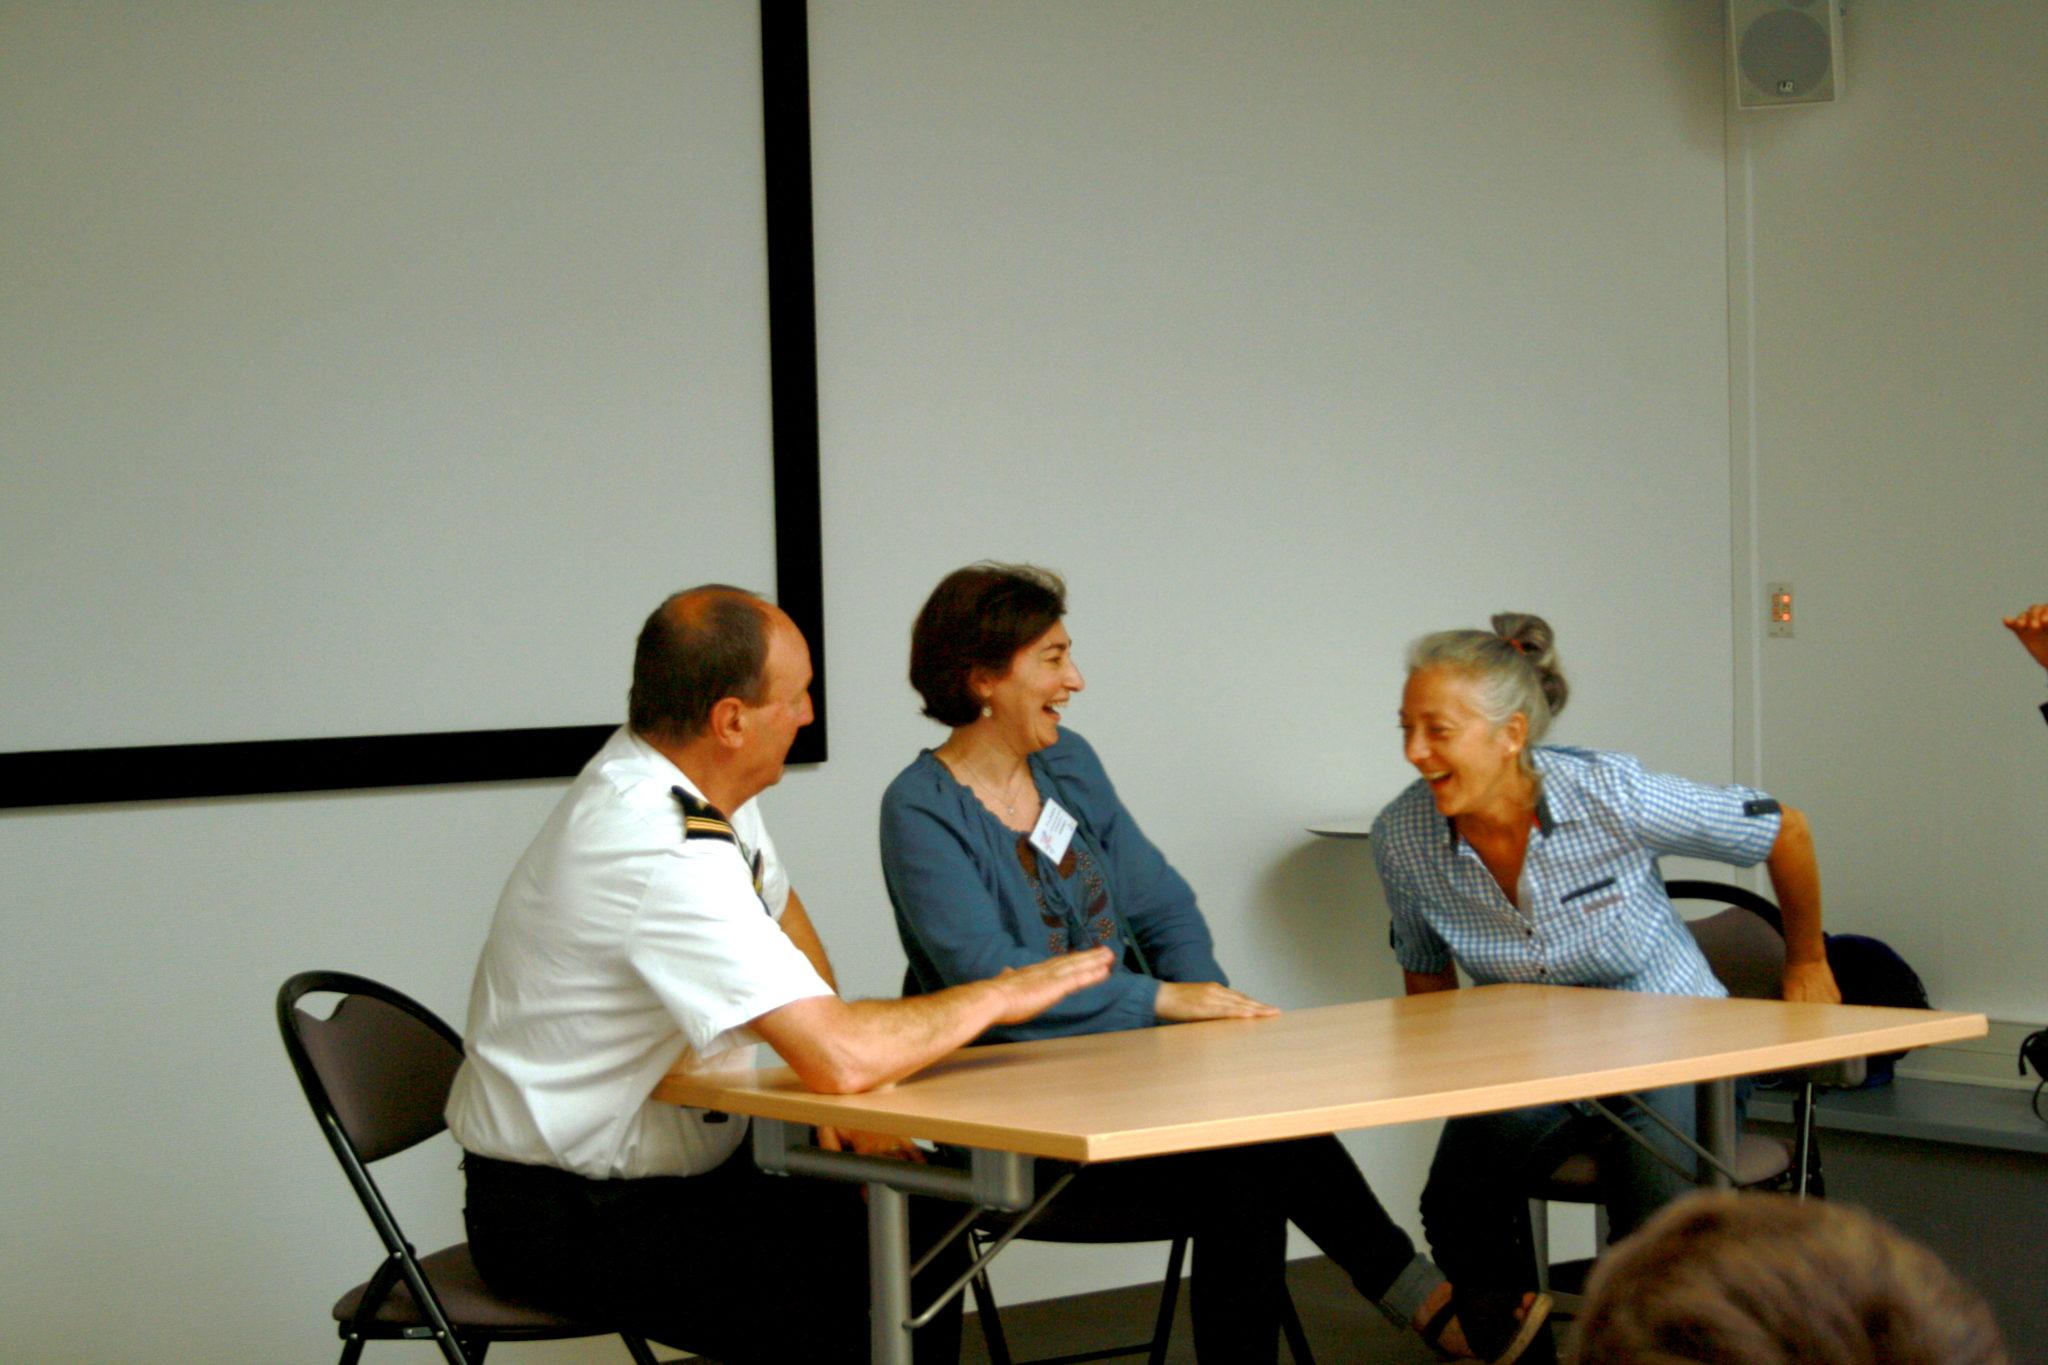 Les professionnel.le.s participent à la scénette aux côtés de la comédienne de la compagnie Myrtil (à droite)